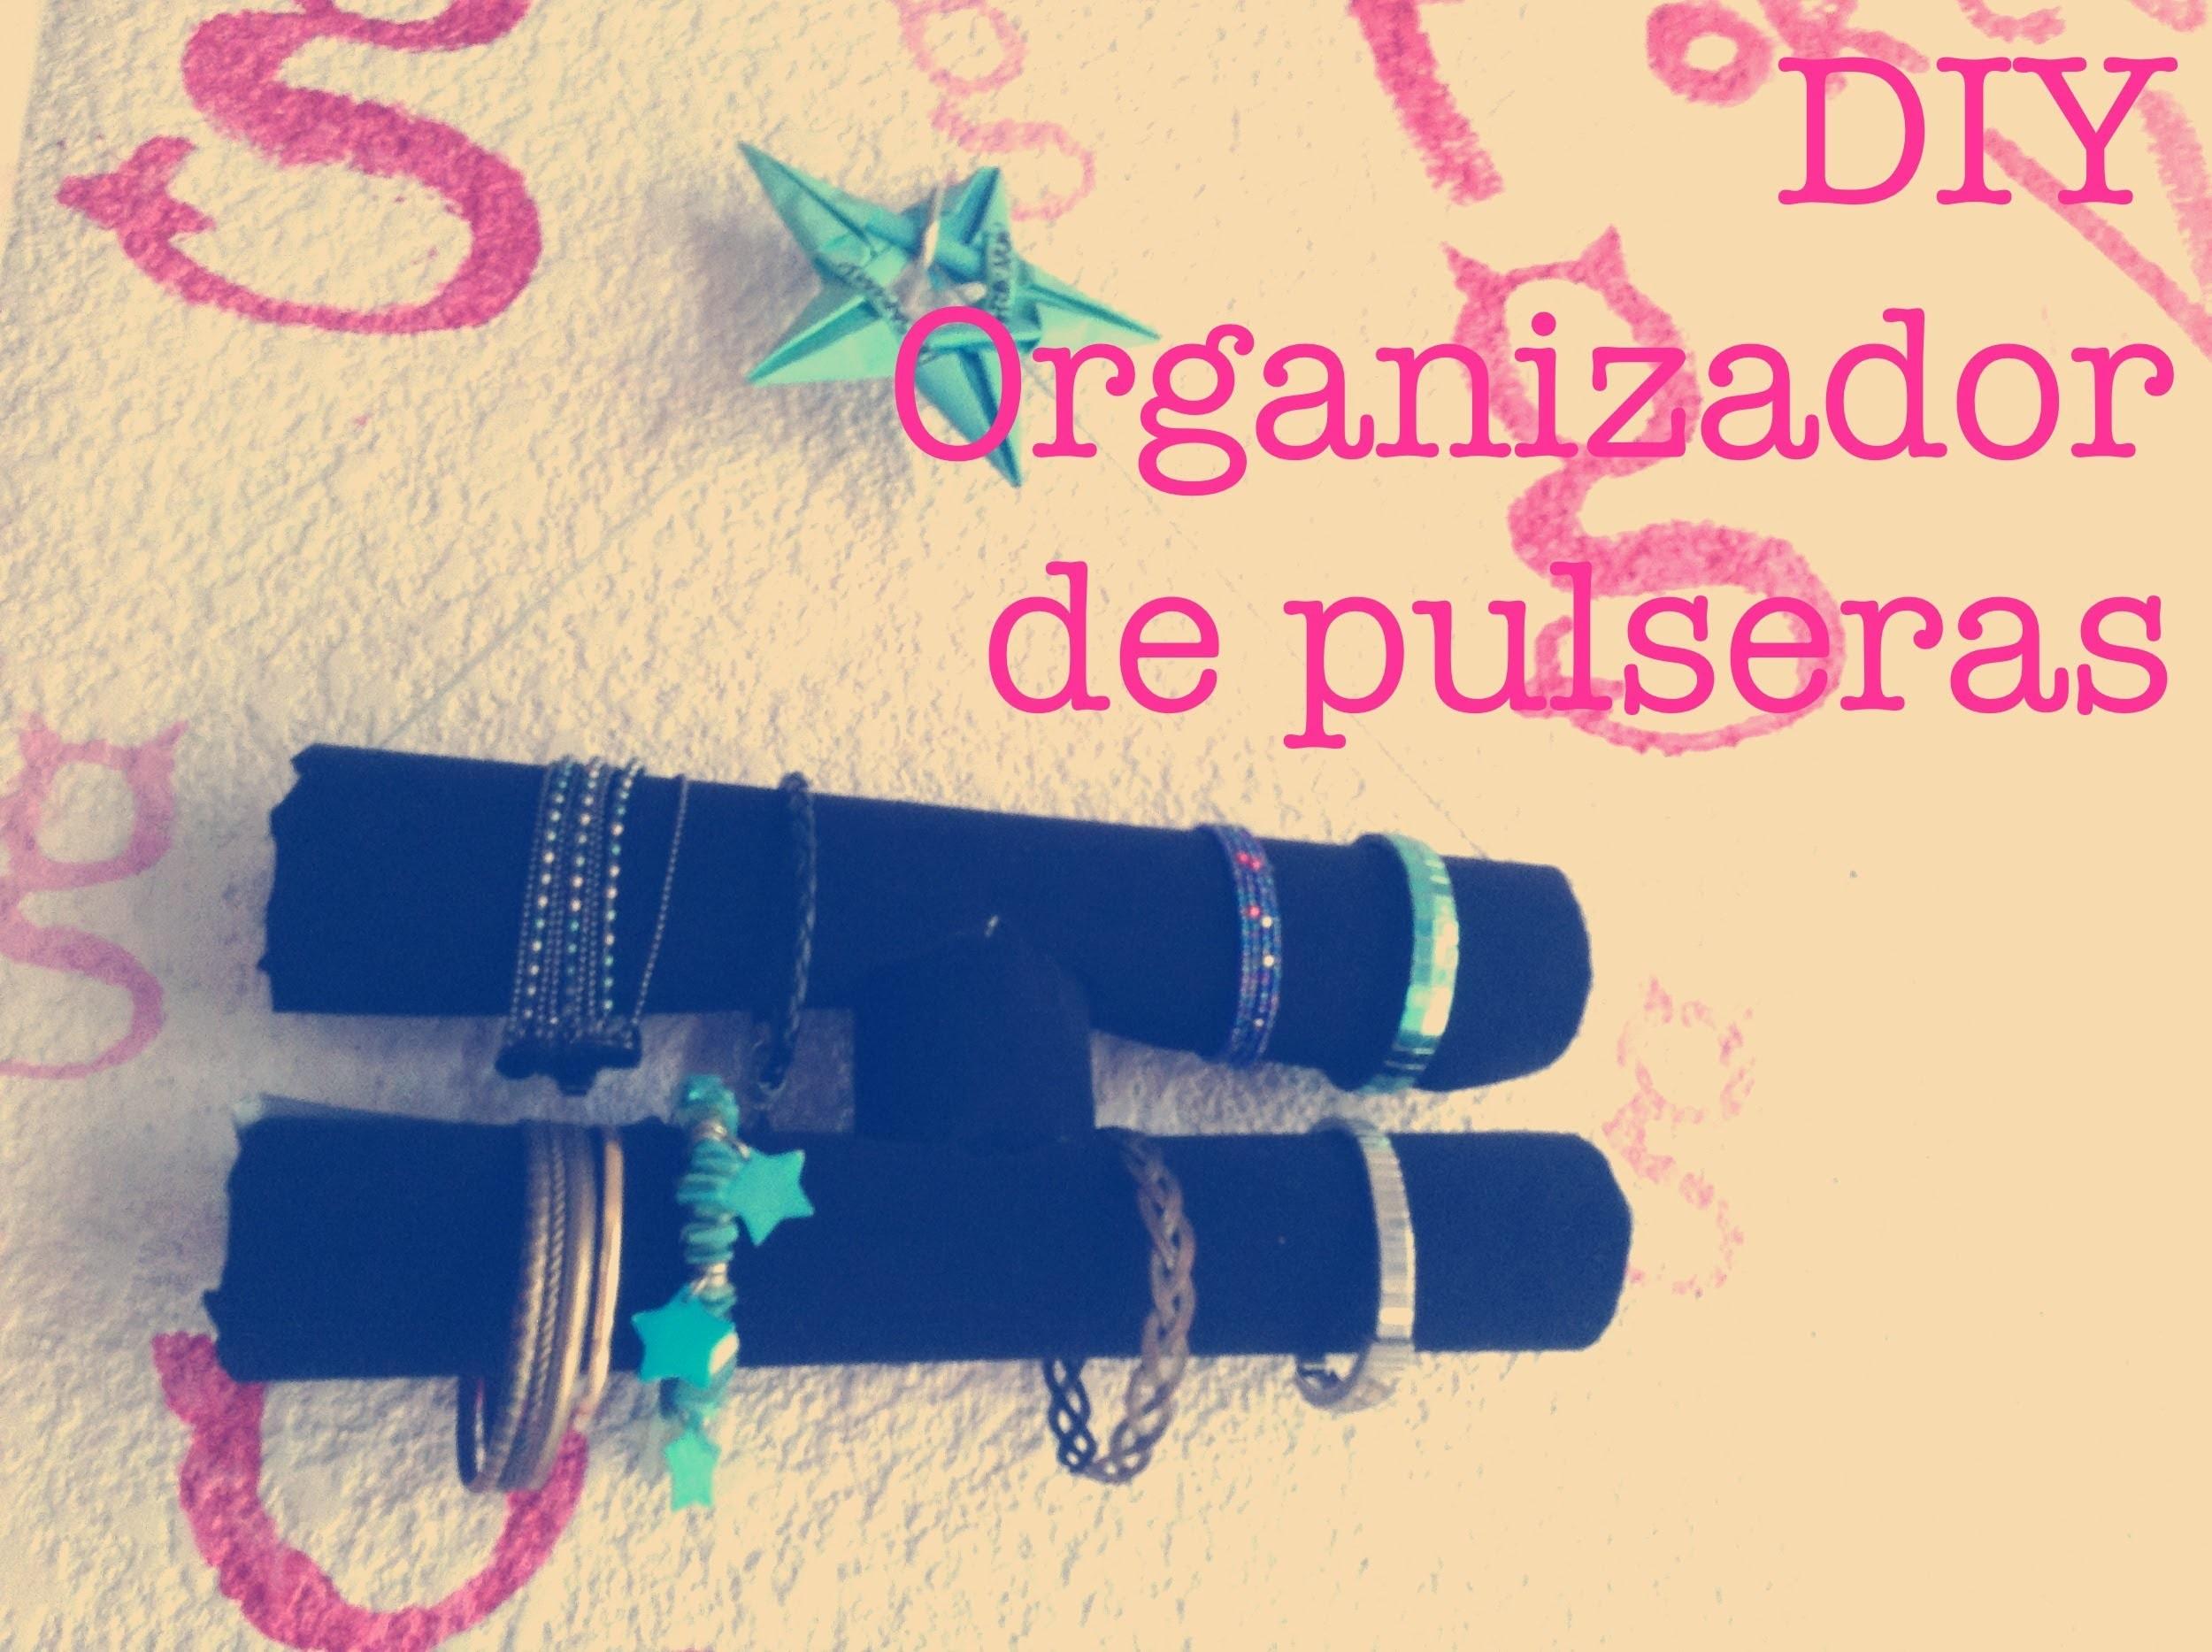 DIY Organizador de pulseras. Bracelet Organizer